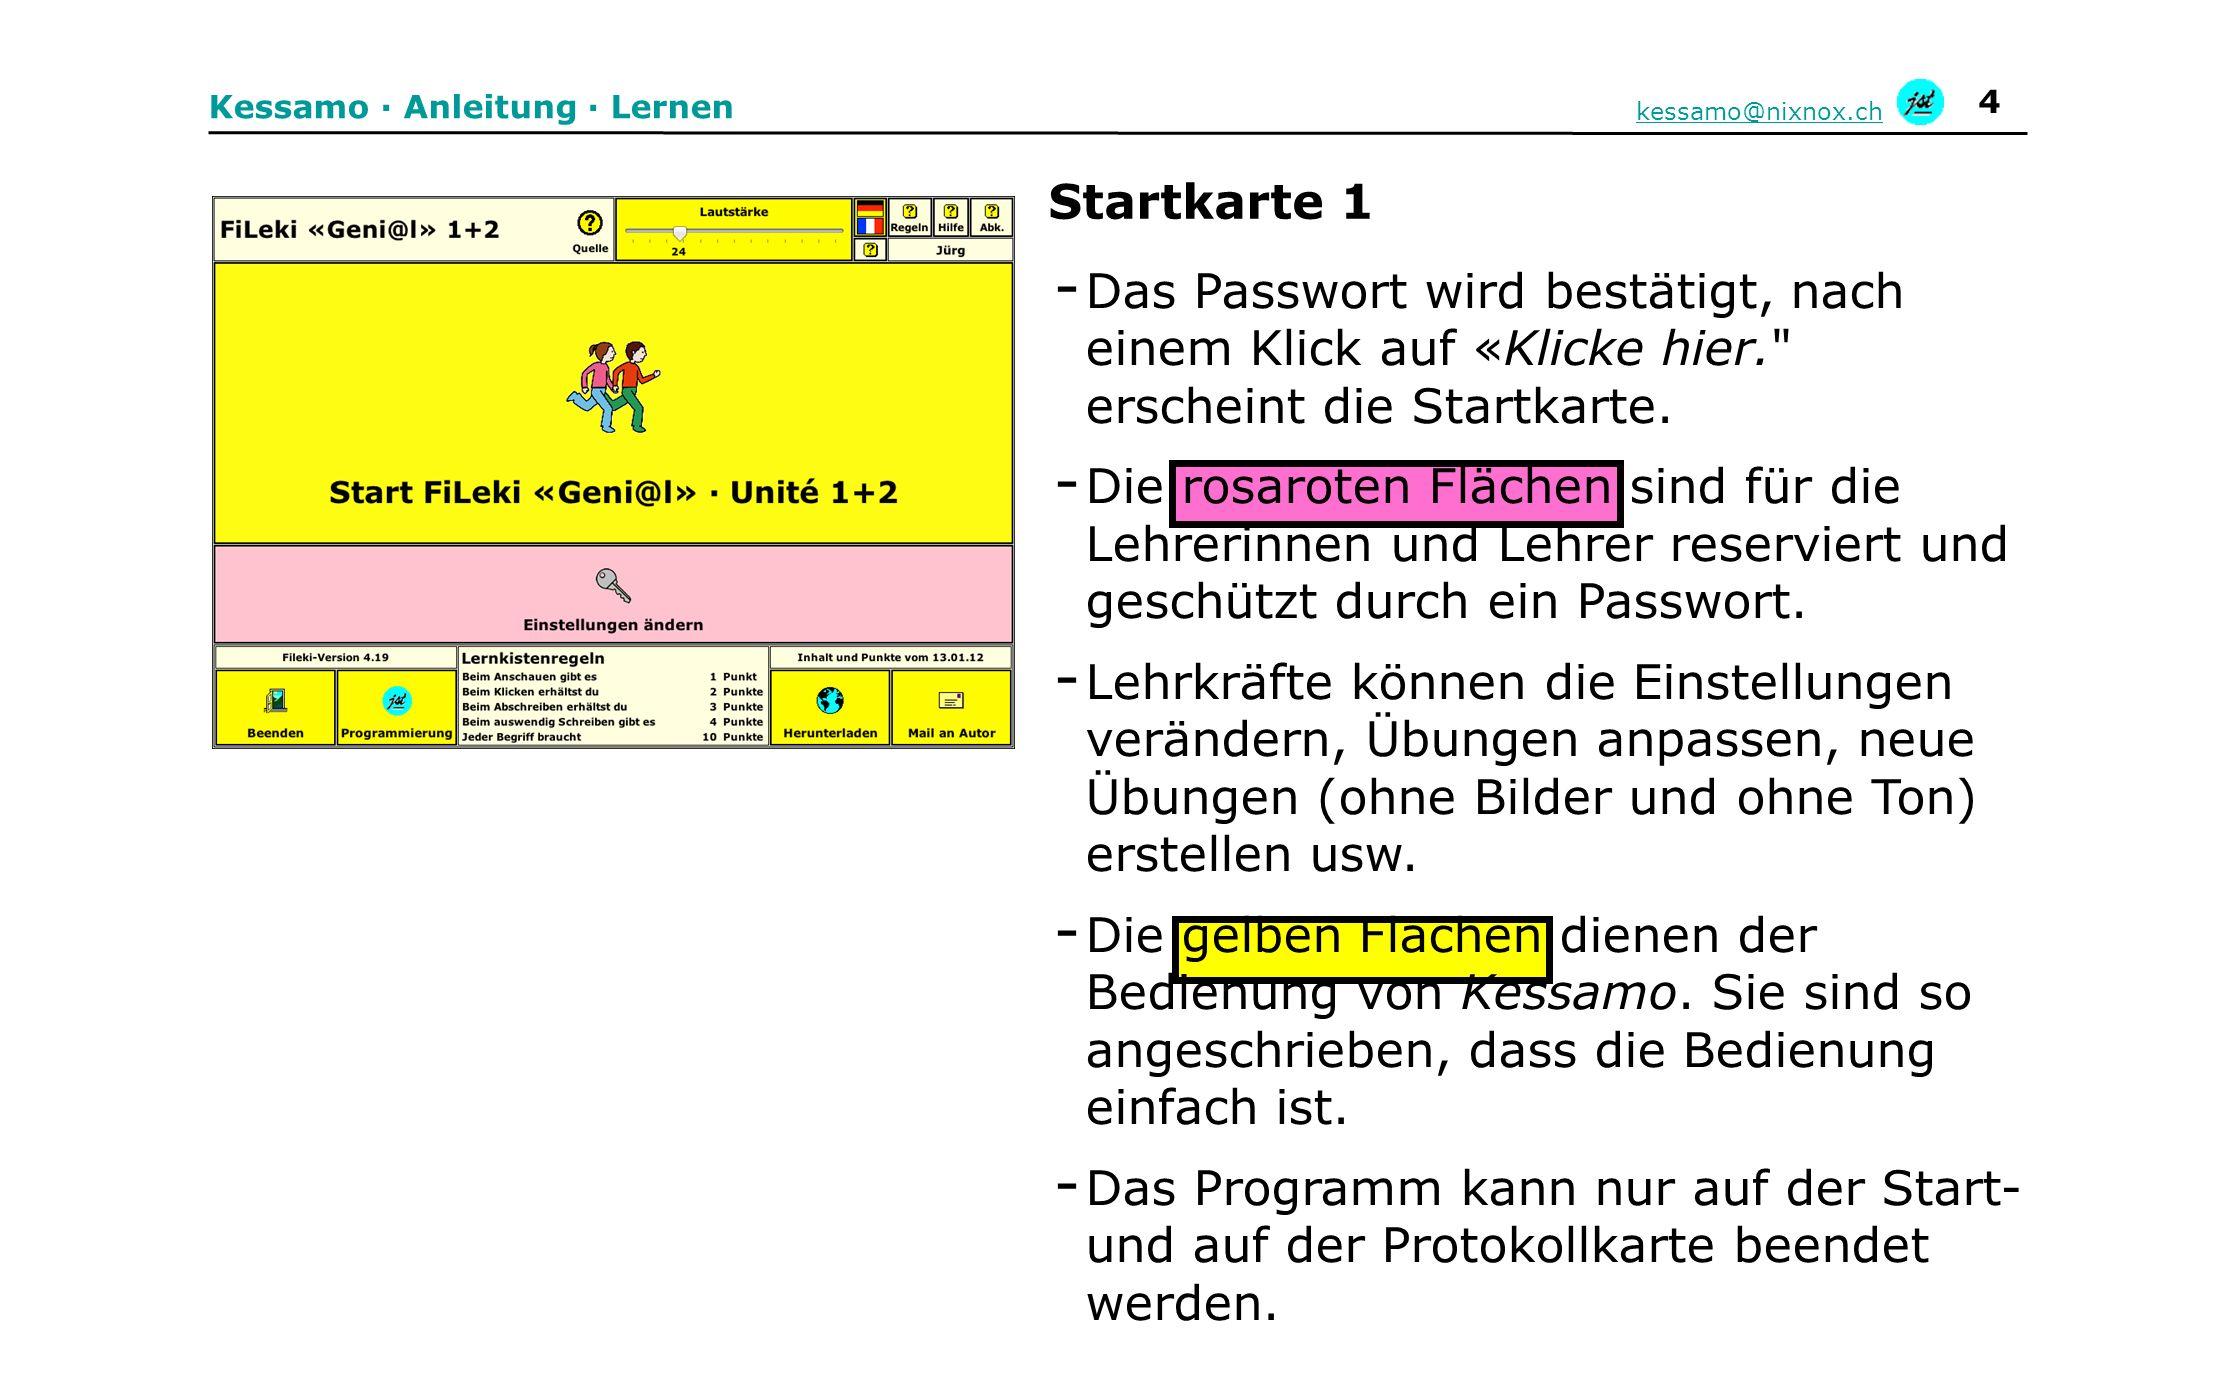 5 Kessamo · Anleitung · Lernen kessamo@nixnox.ch Punkteregel Hilfen und Erklärungen zum Programm Ein Klick und das Inhaltsverzeichnis erscheint Startkarte 2 Text Lautstärke einstellen